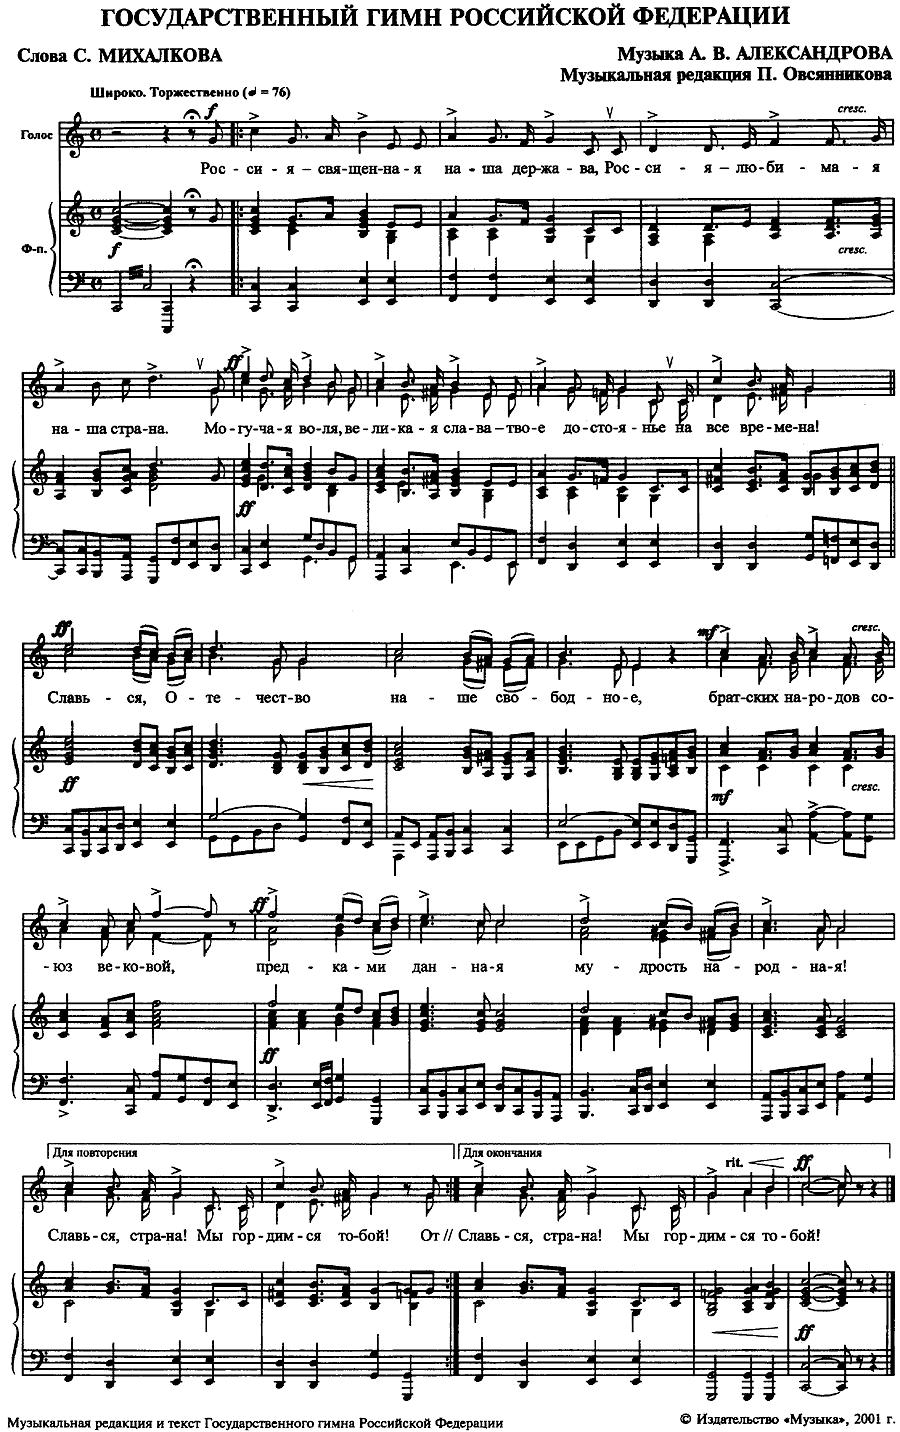 Hymn of Russia sheet music 2001